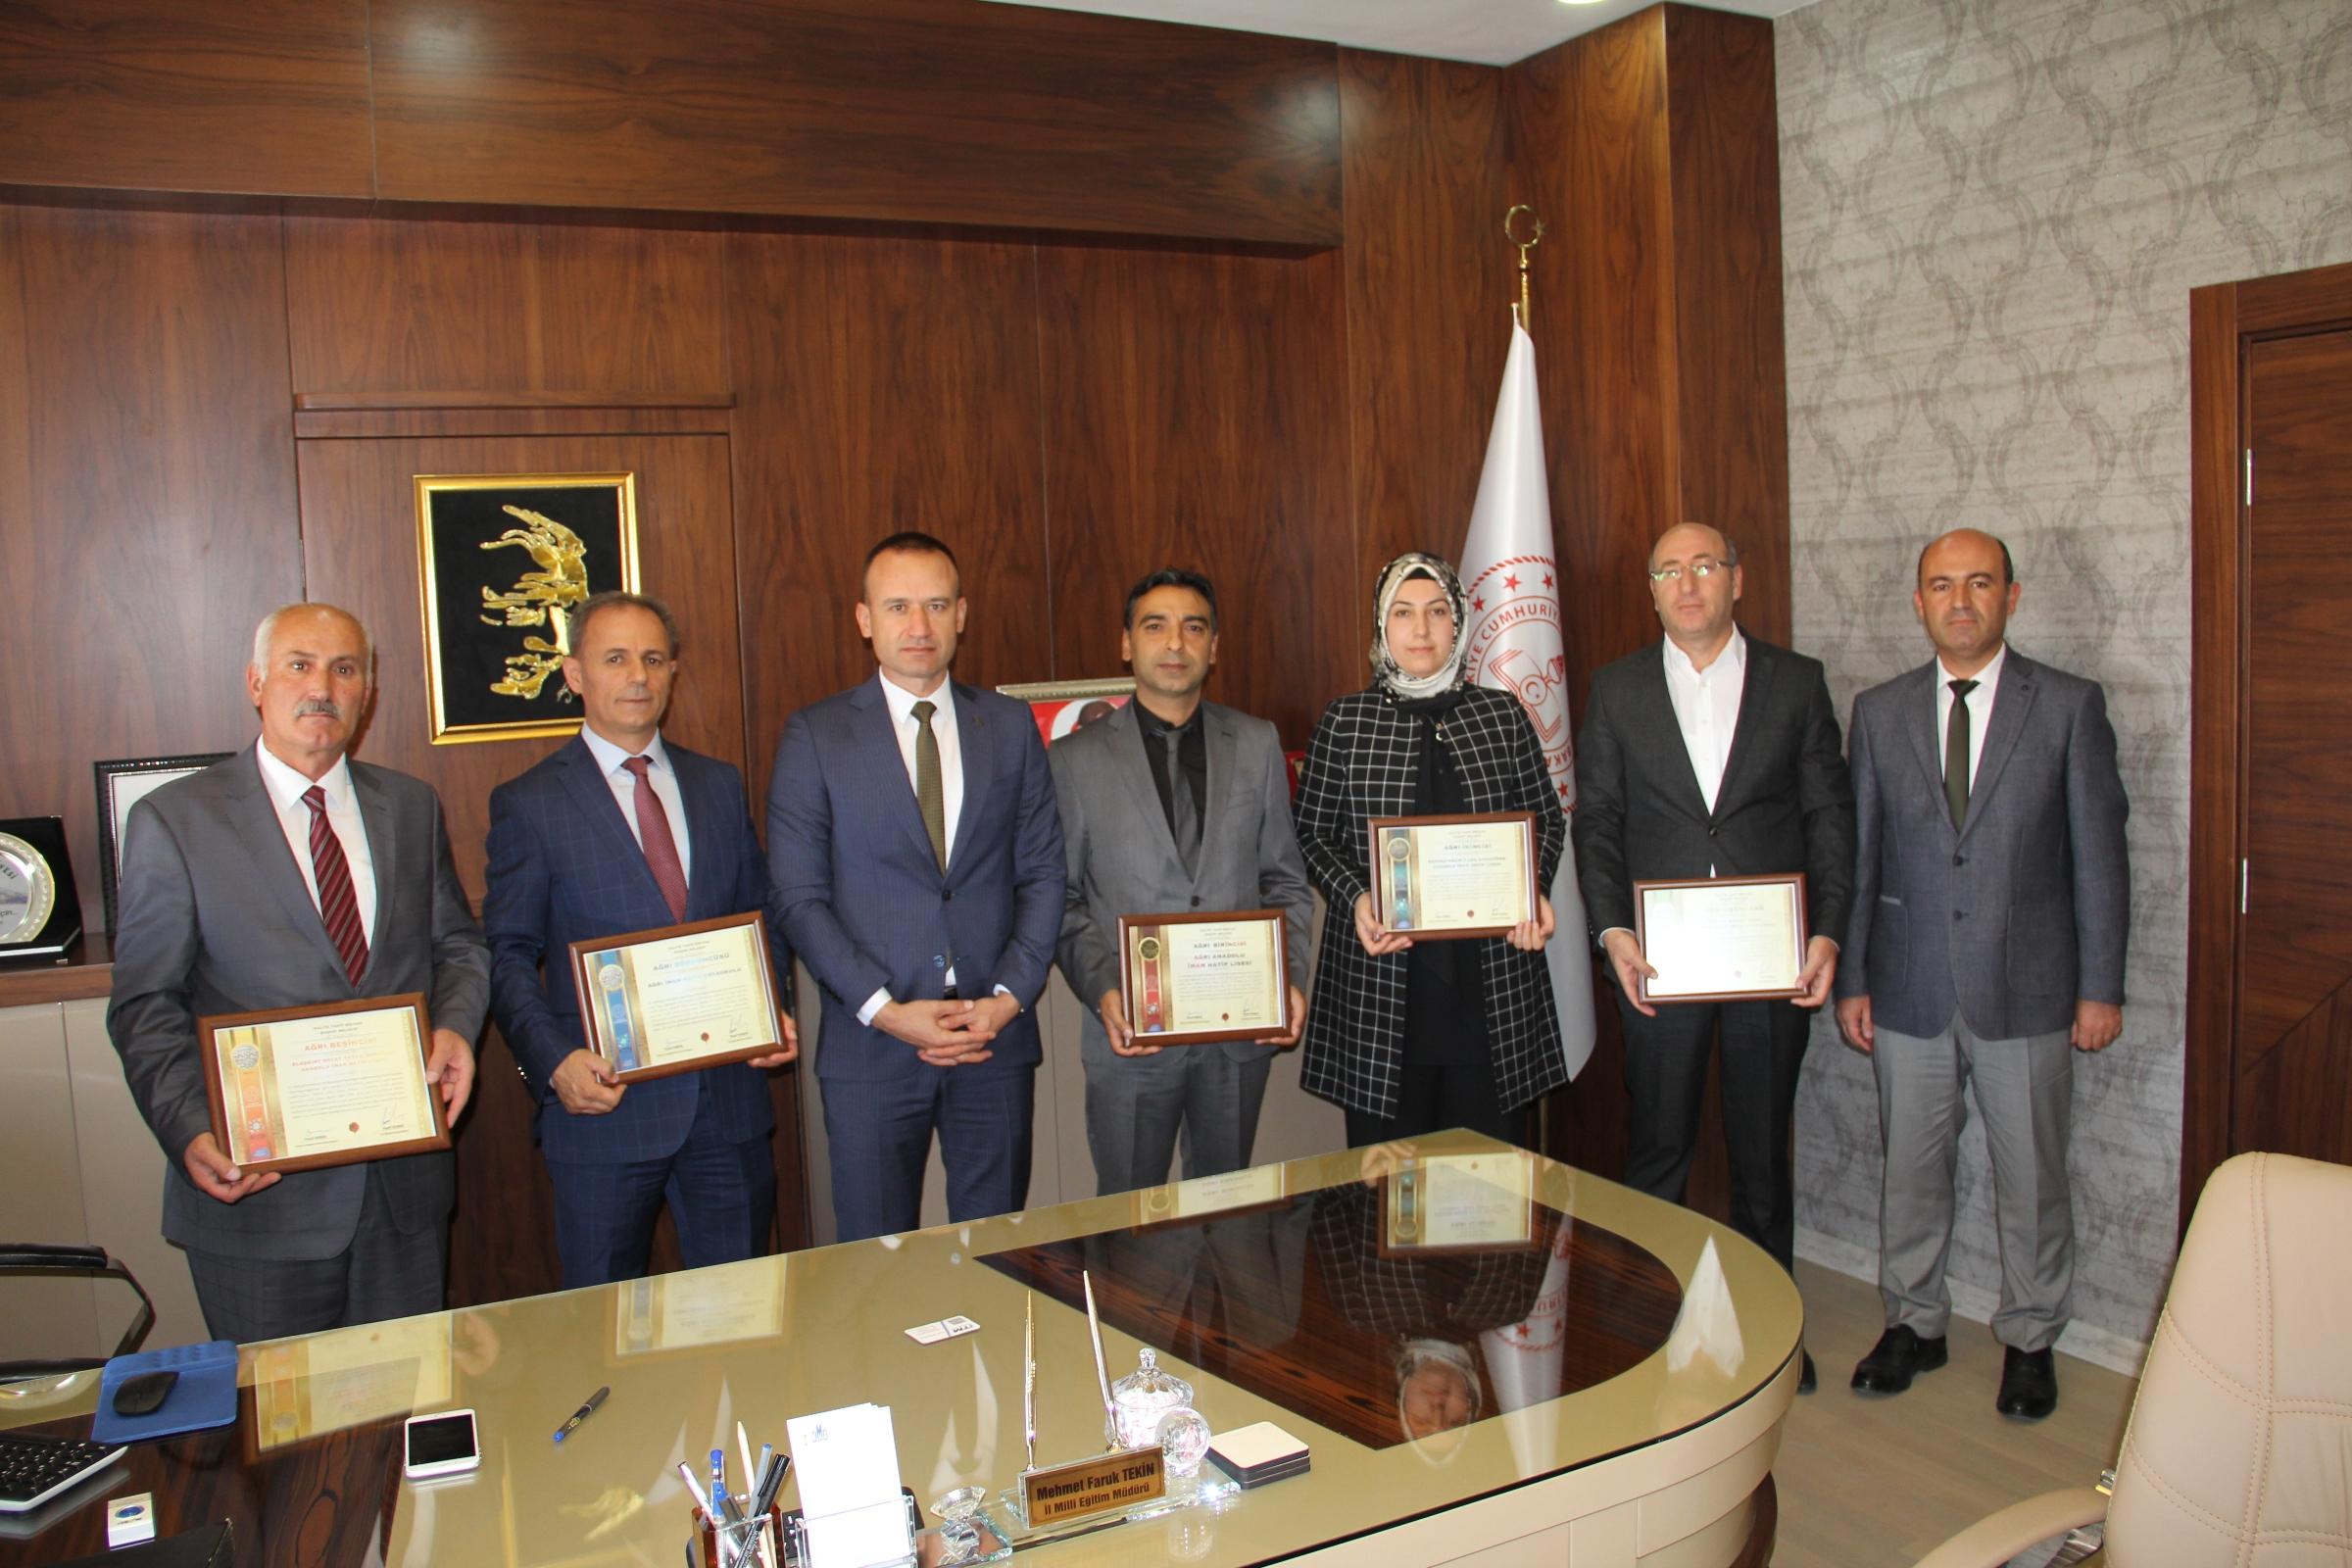 Ağrı'da 5 okula başarı belgesi verildi